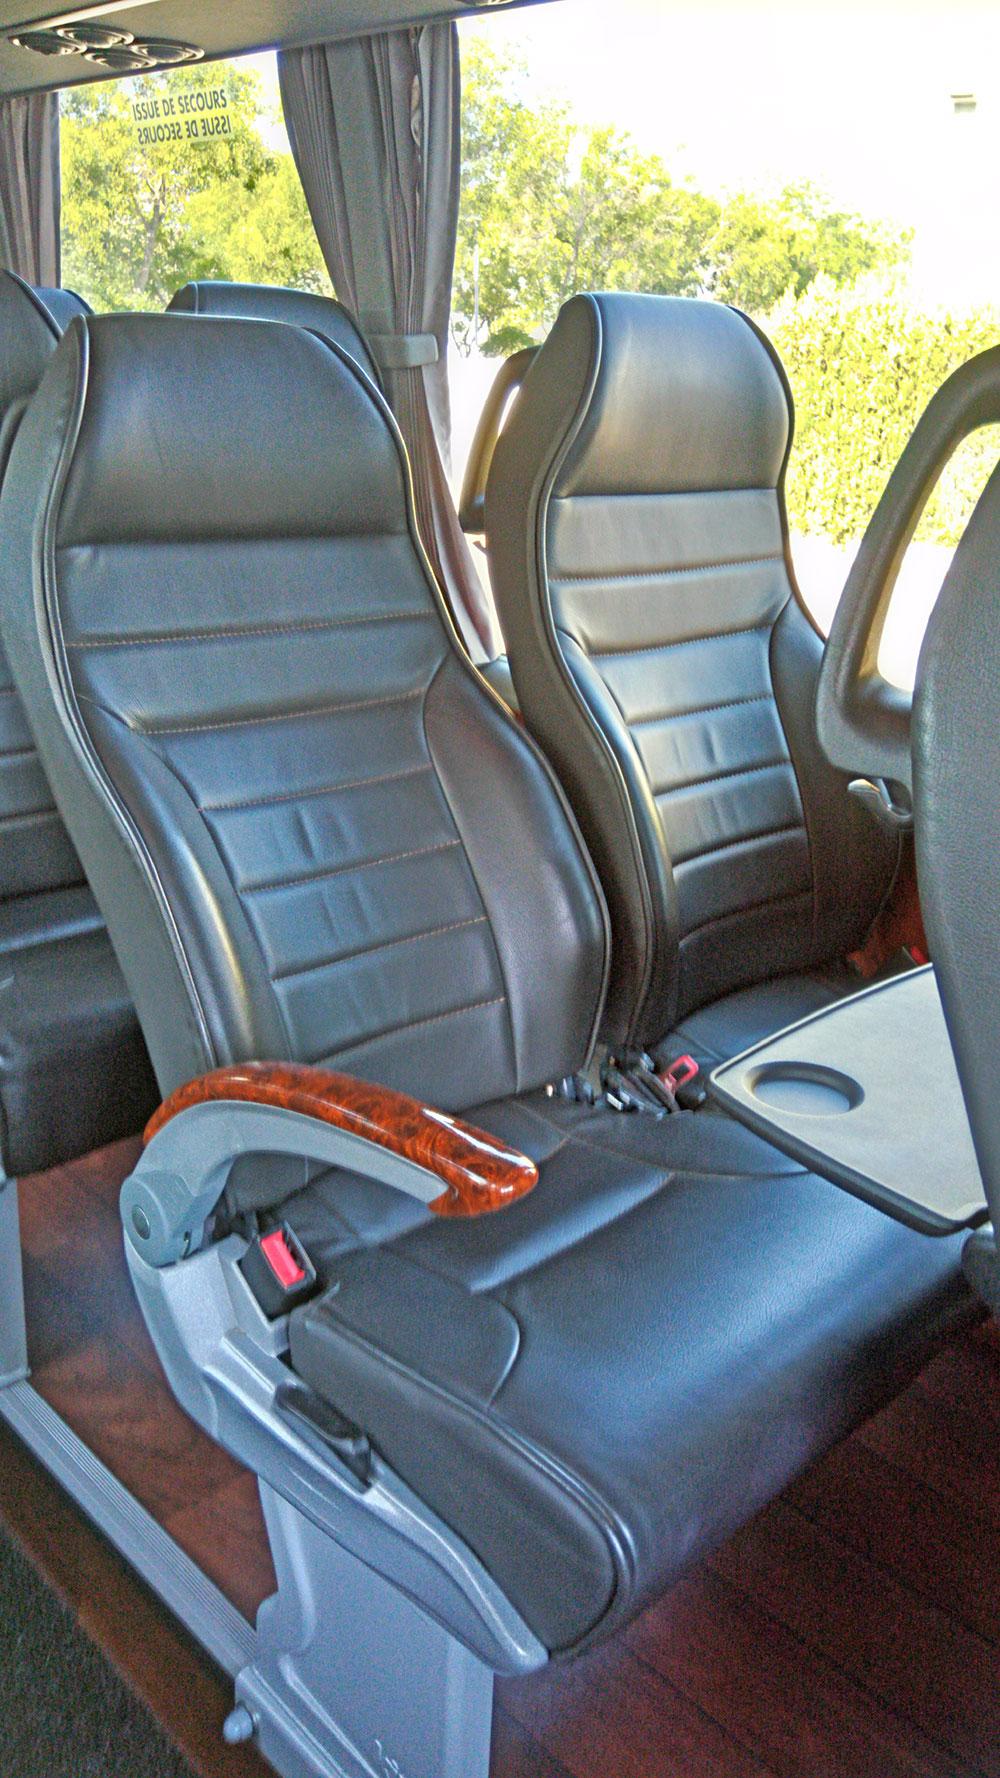 minibus-avec-chauffeur---autocars-vip--transfert-et-sejours-en-provence--gorges-du-verdon